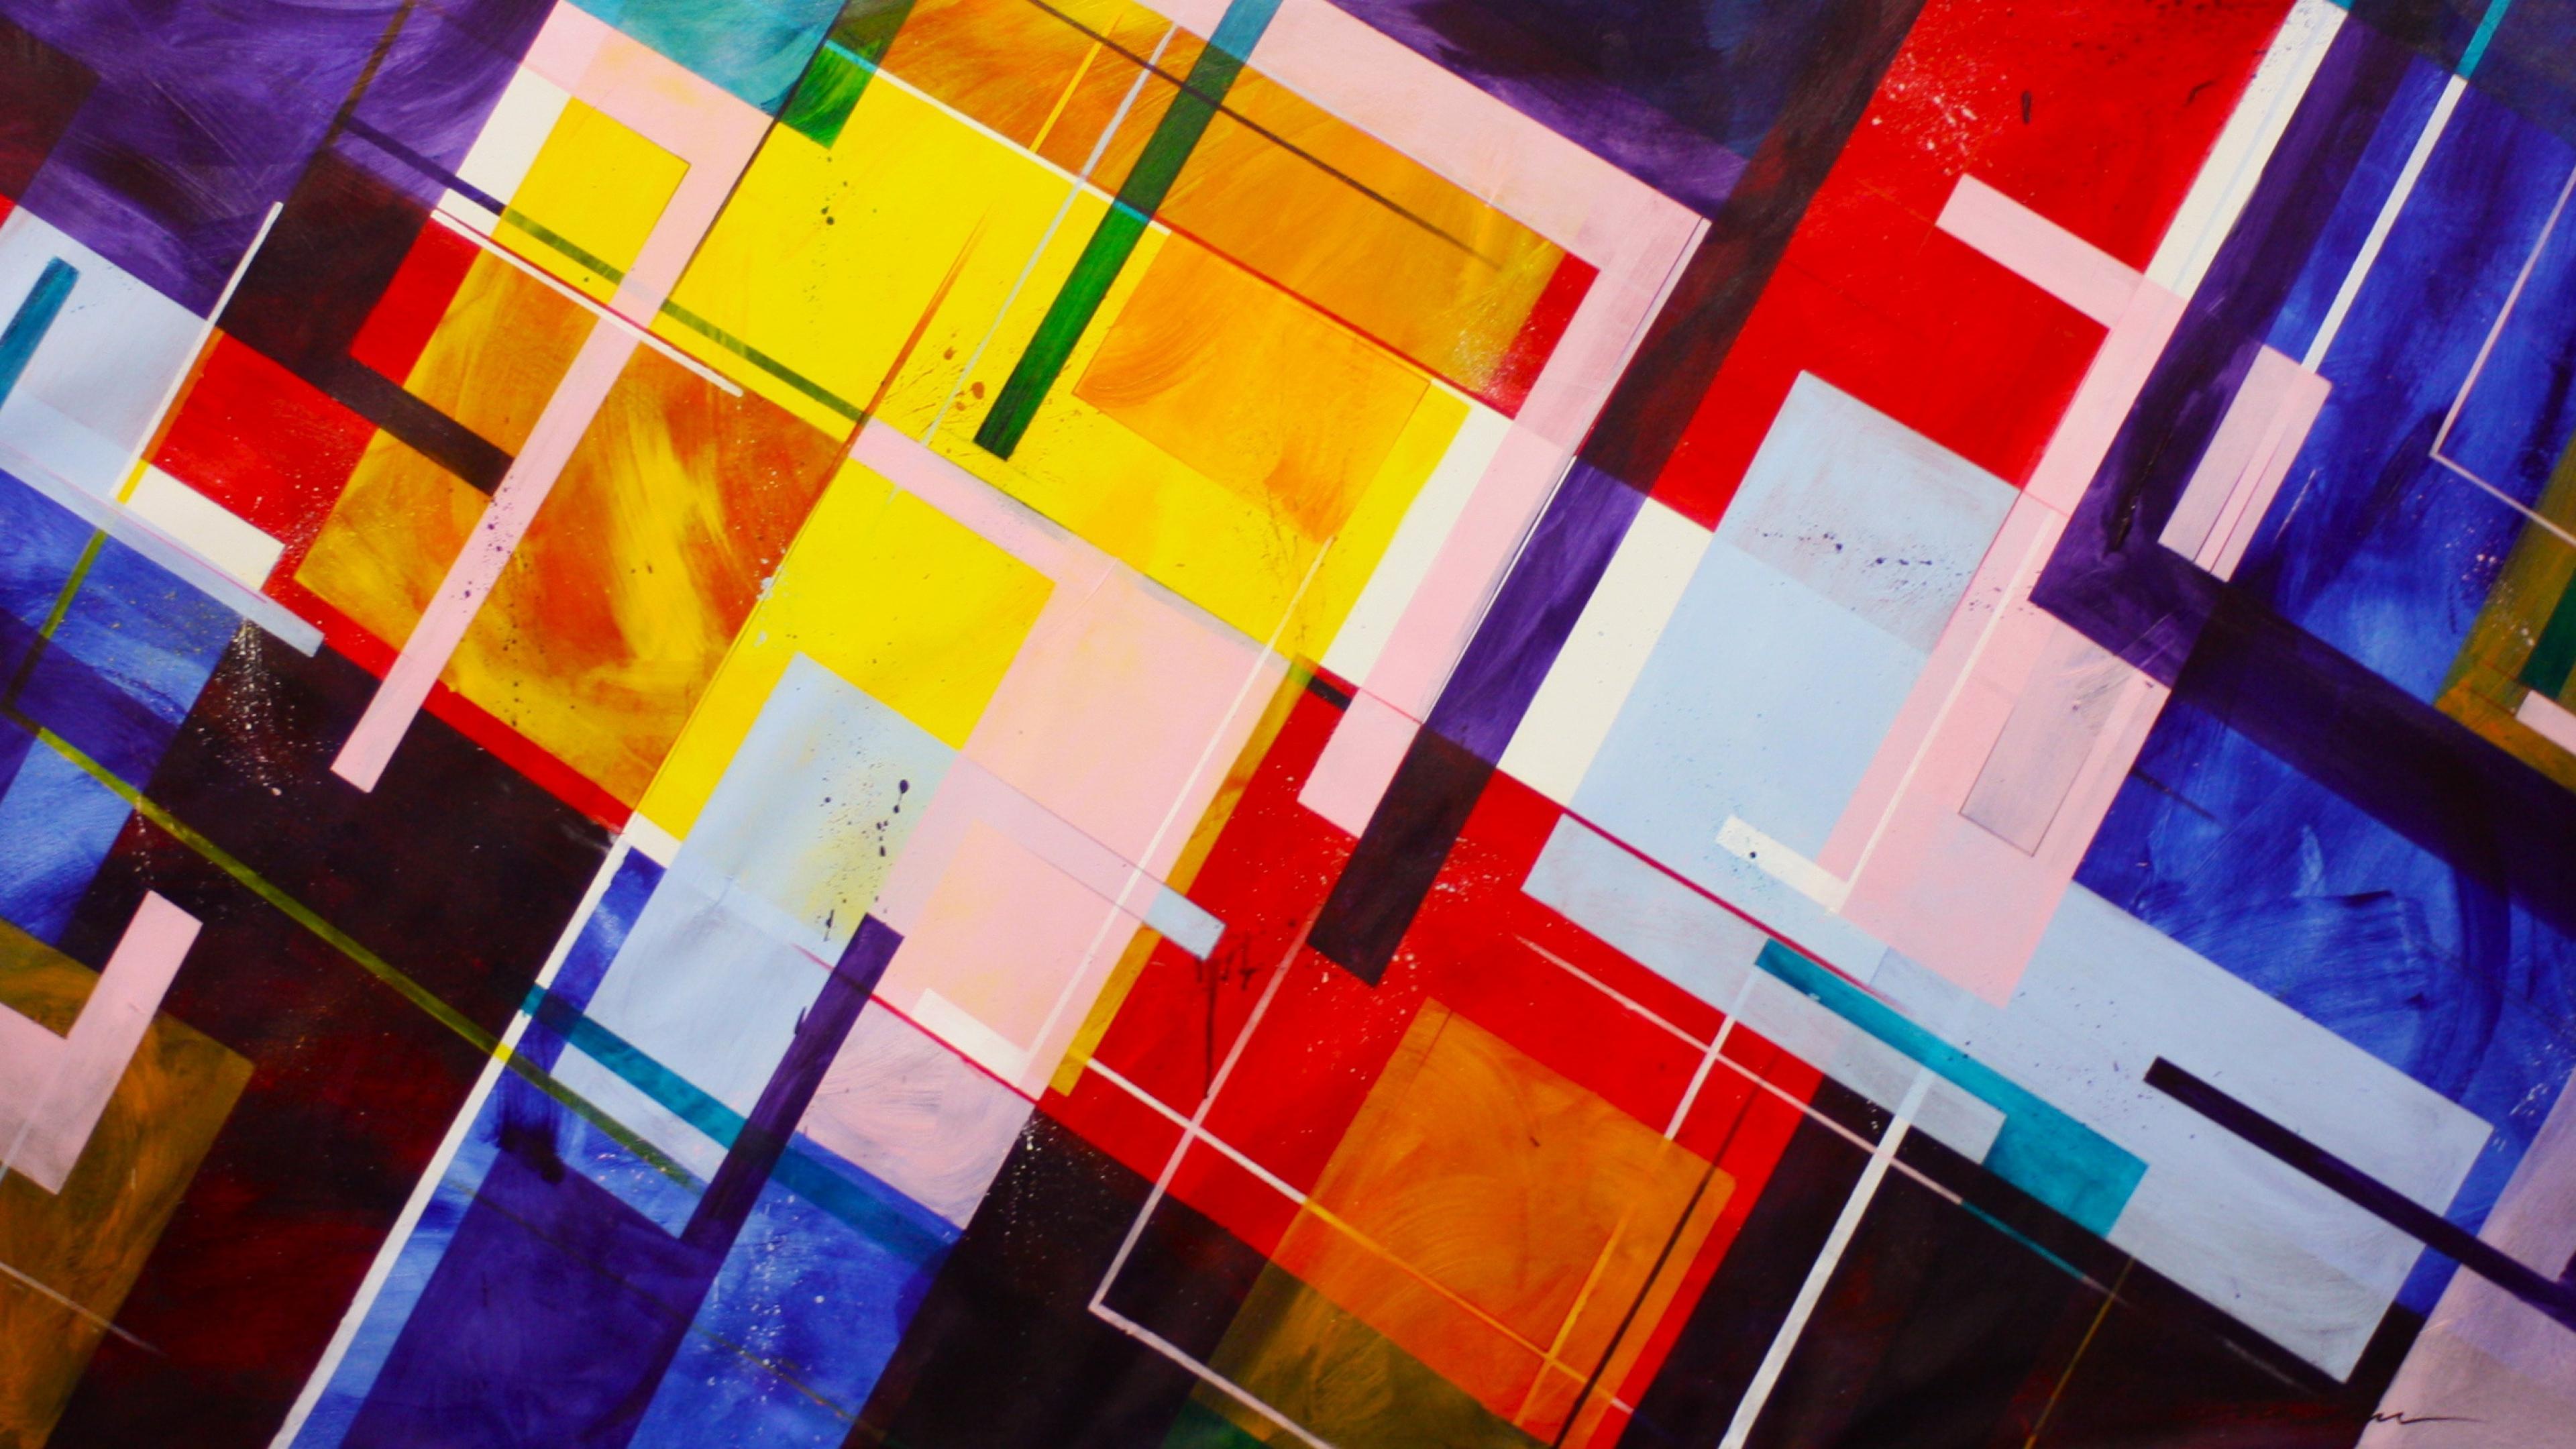 Digital Modern Abstract Art - HD Wallpaper